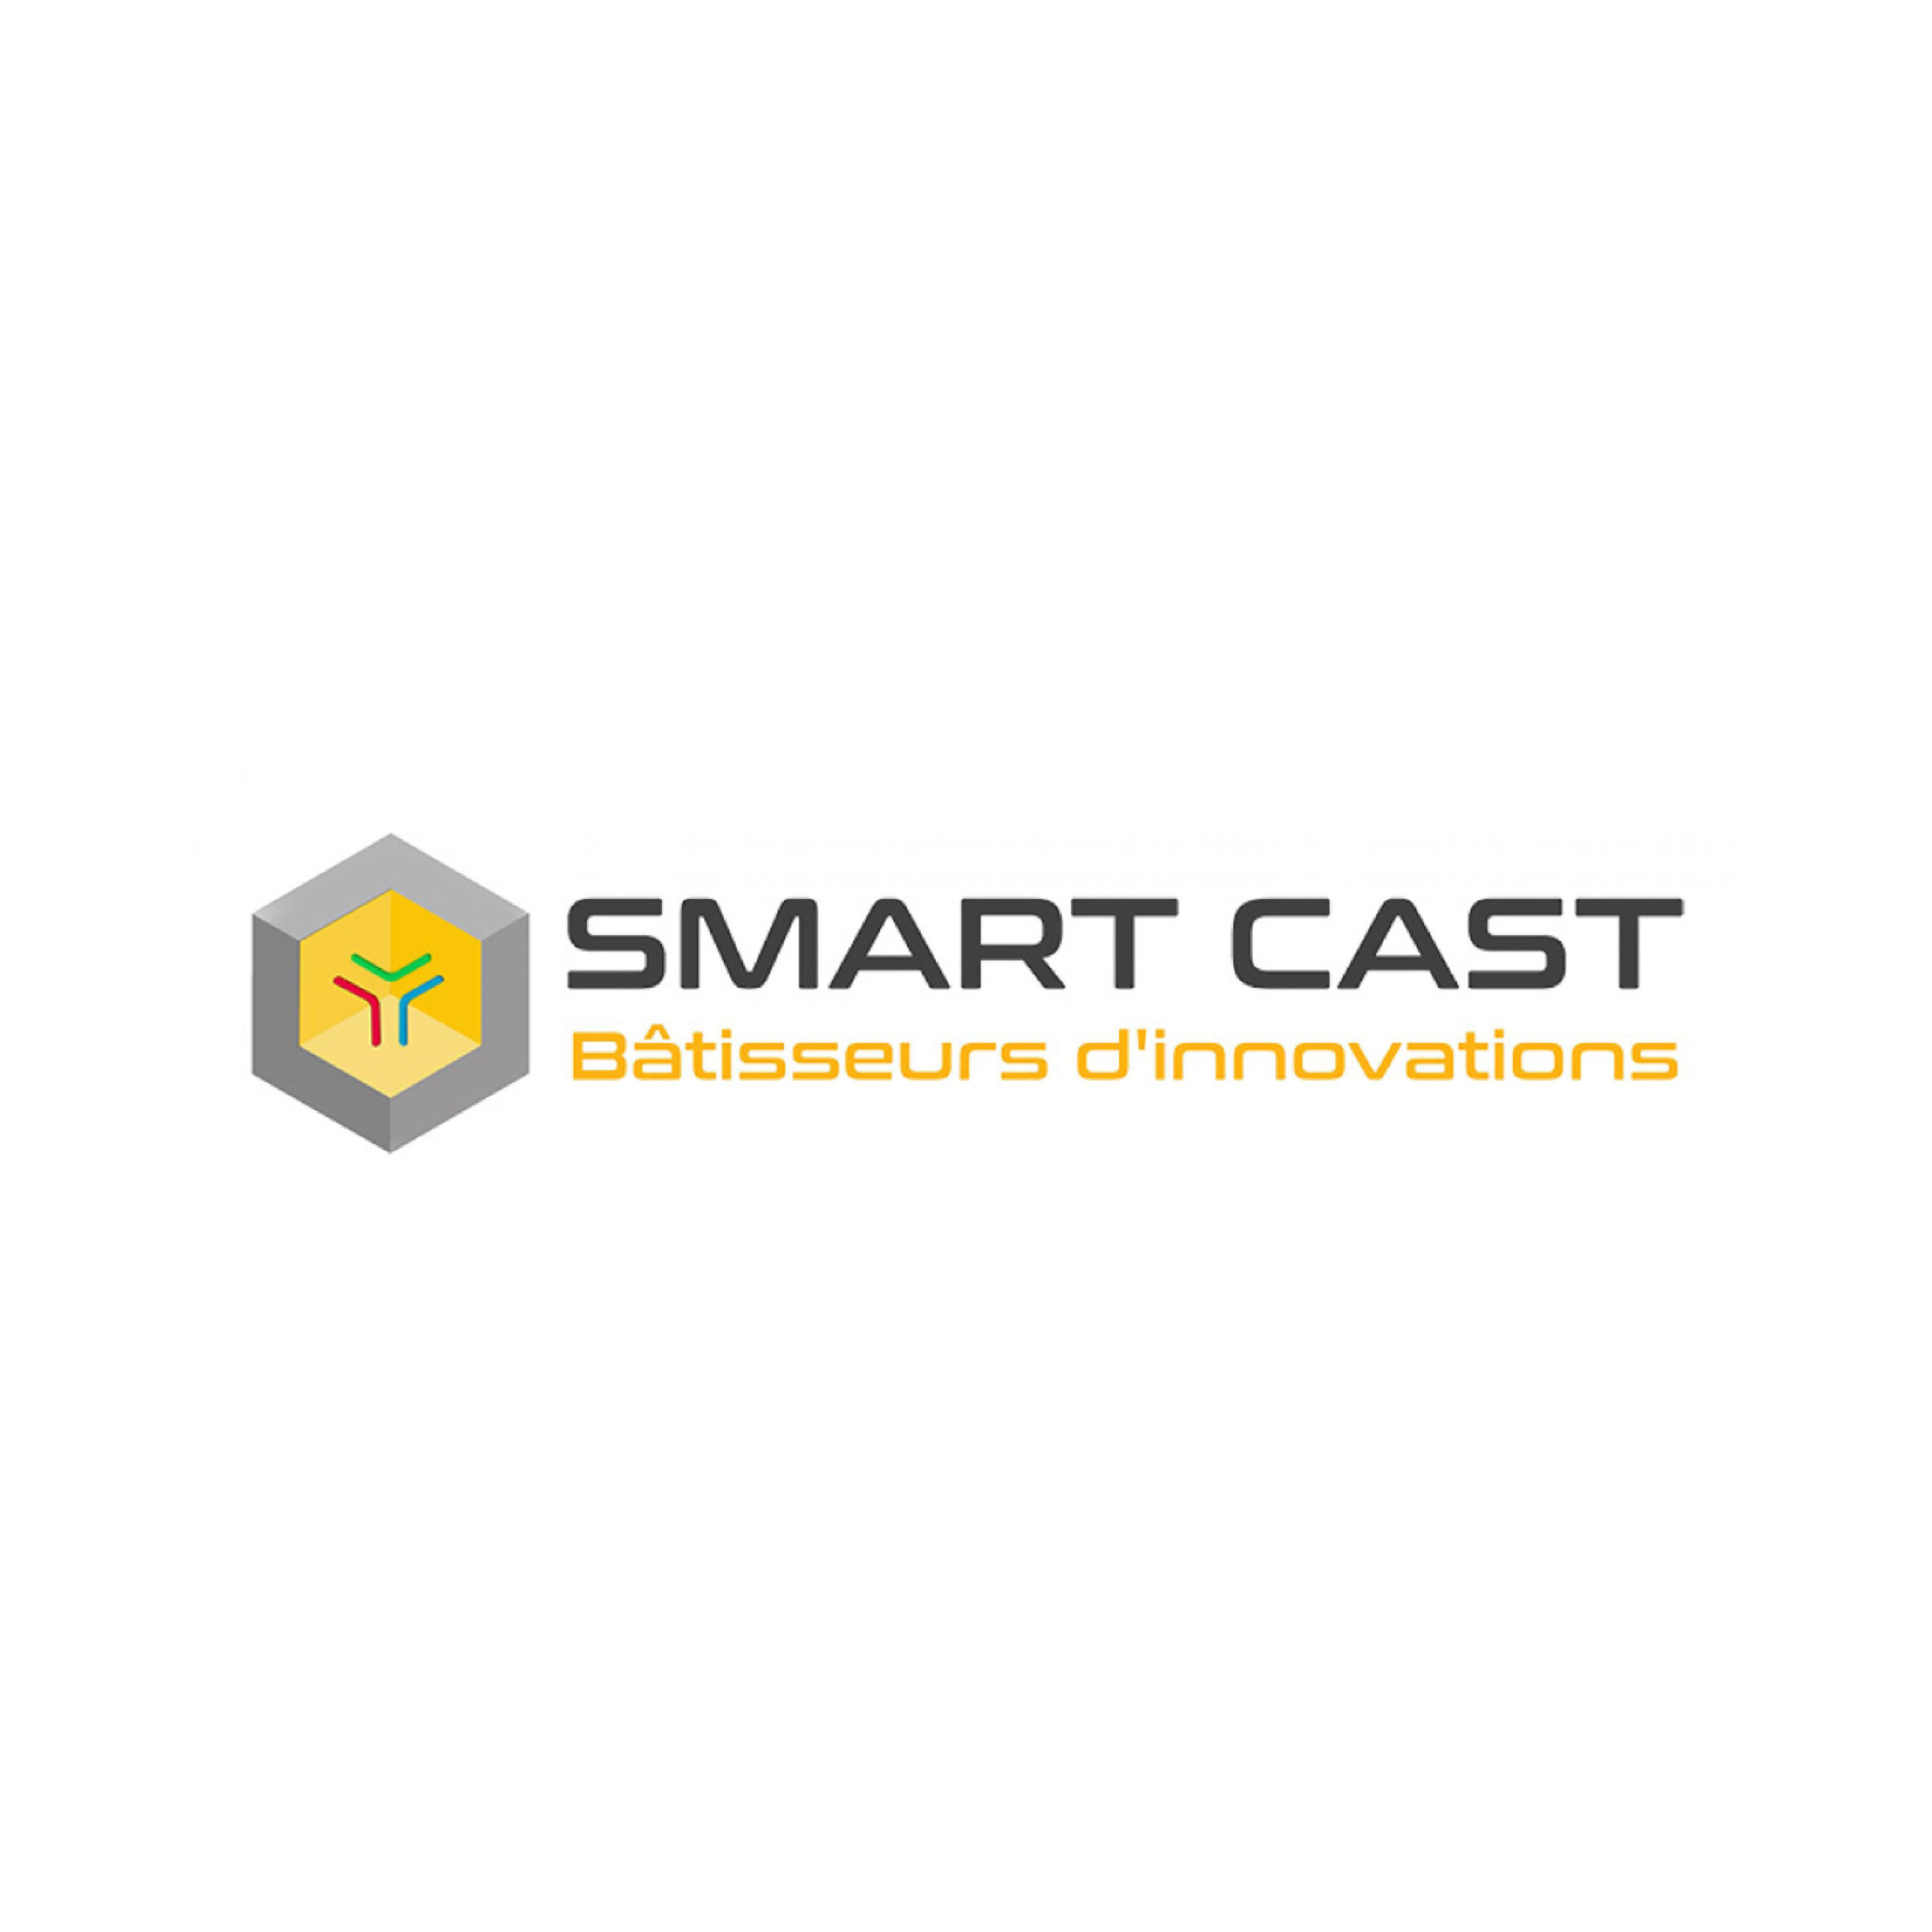 Smartcast